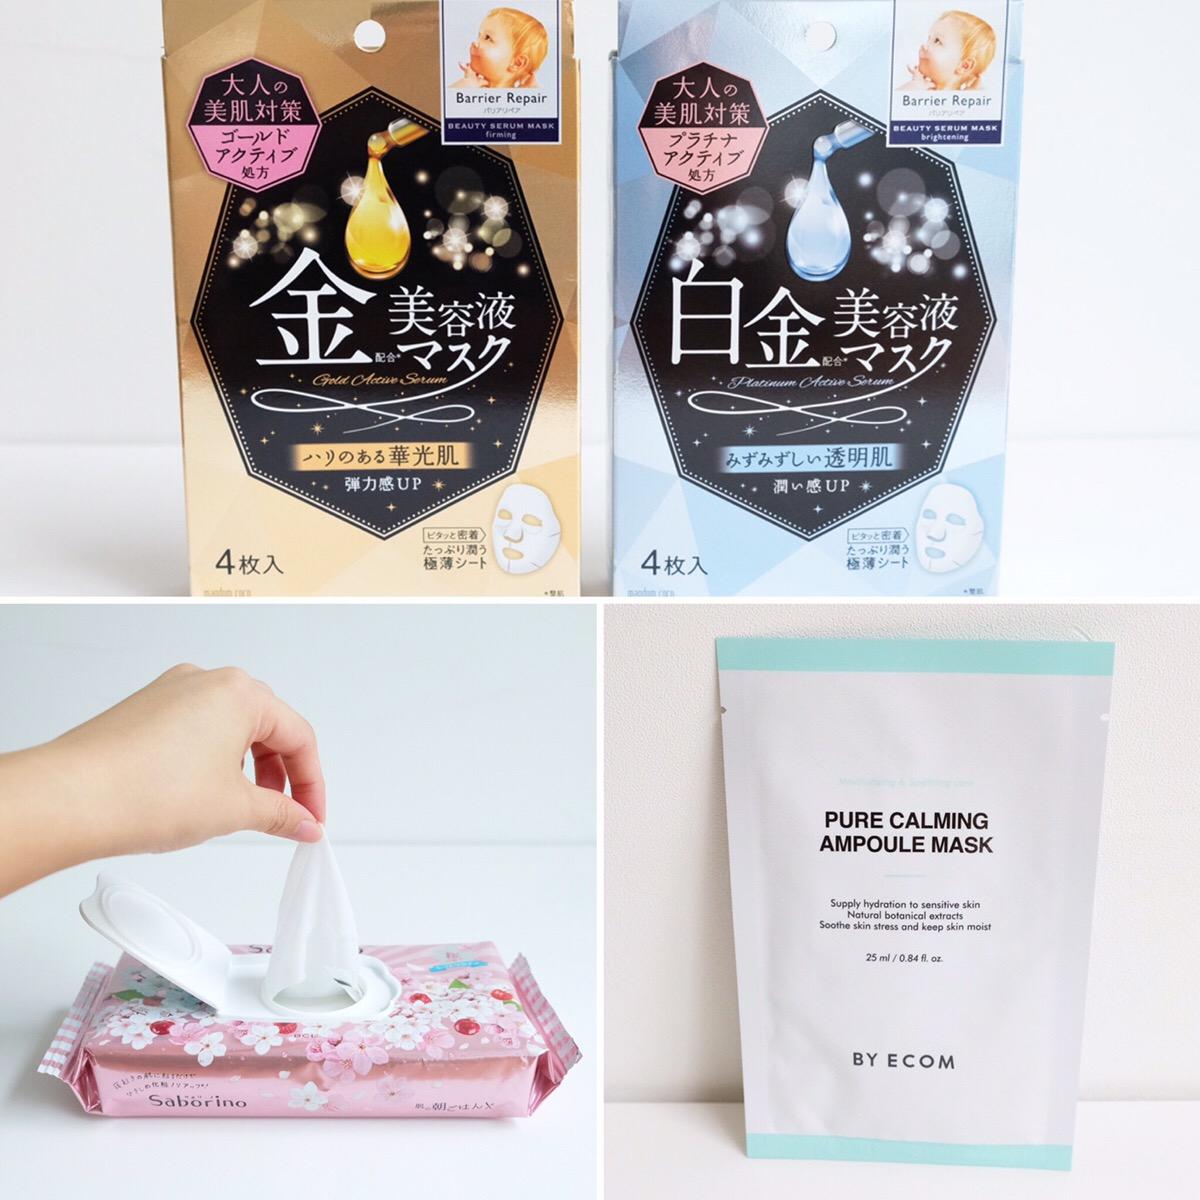 プチプラシートマスクで乾燥対策! 新作・限定・韓国系をタッチ&トライ #プチプラコスメは水曜日に